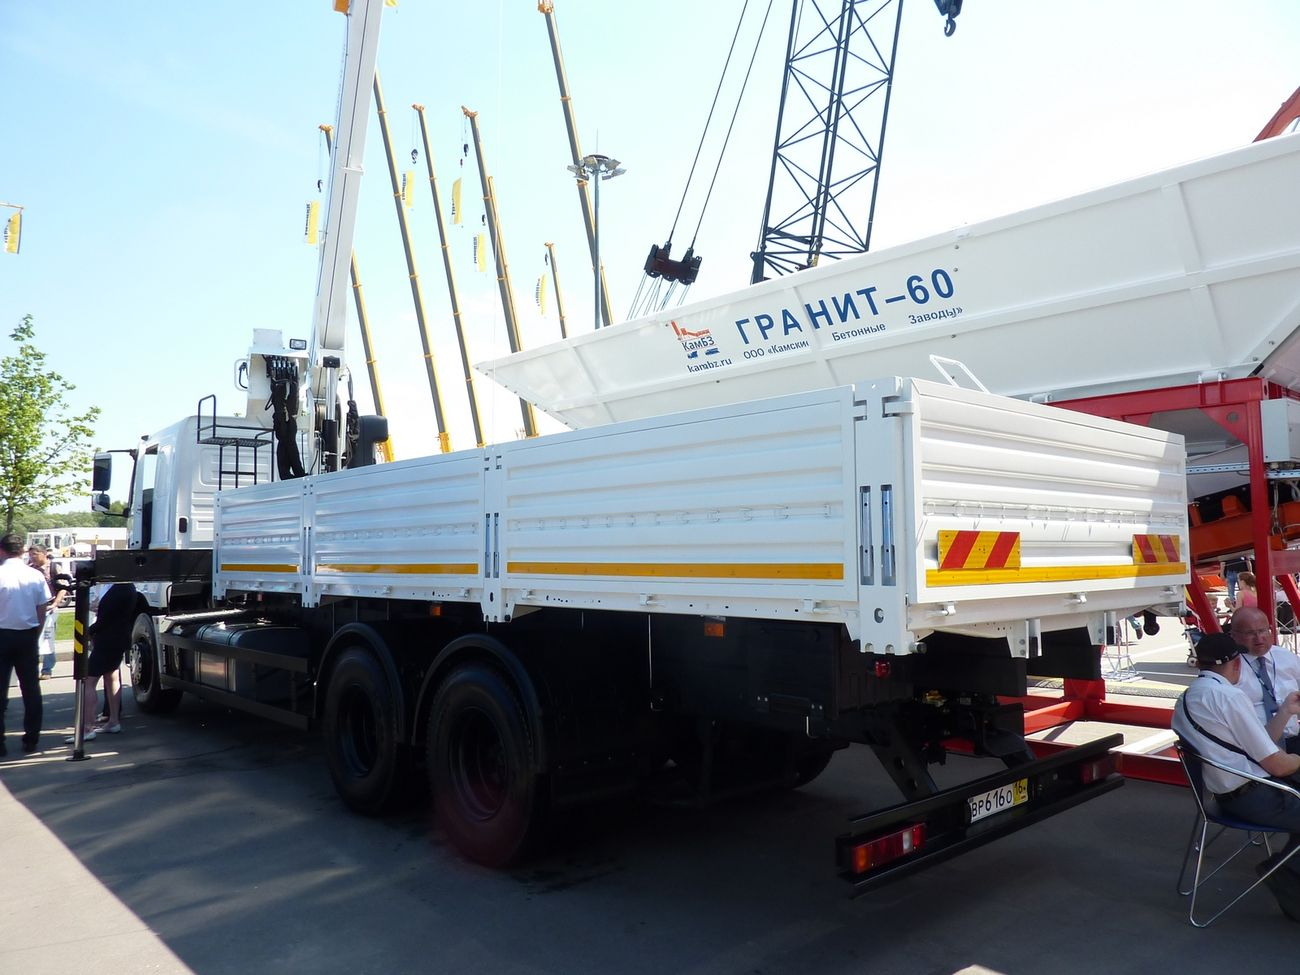 Укороченная на один метр по сравнению со стандартной (длина 7818 мм) бортовая платформа высвободила место за кабиной для крана